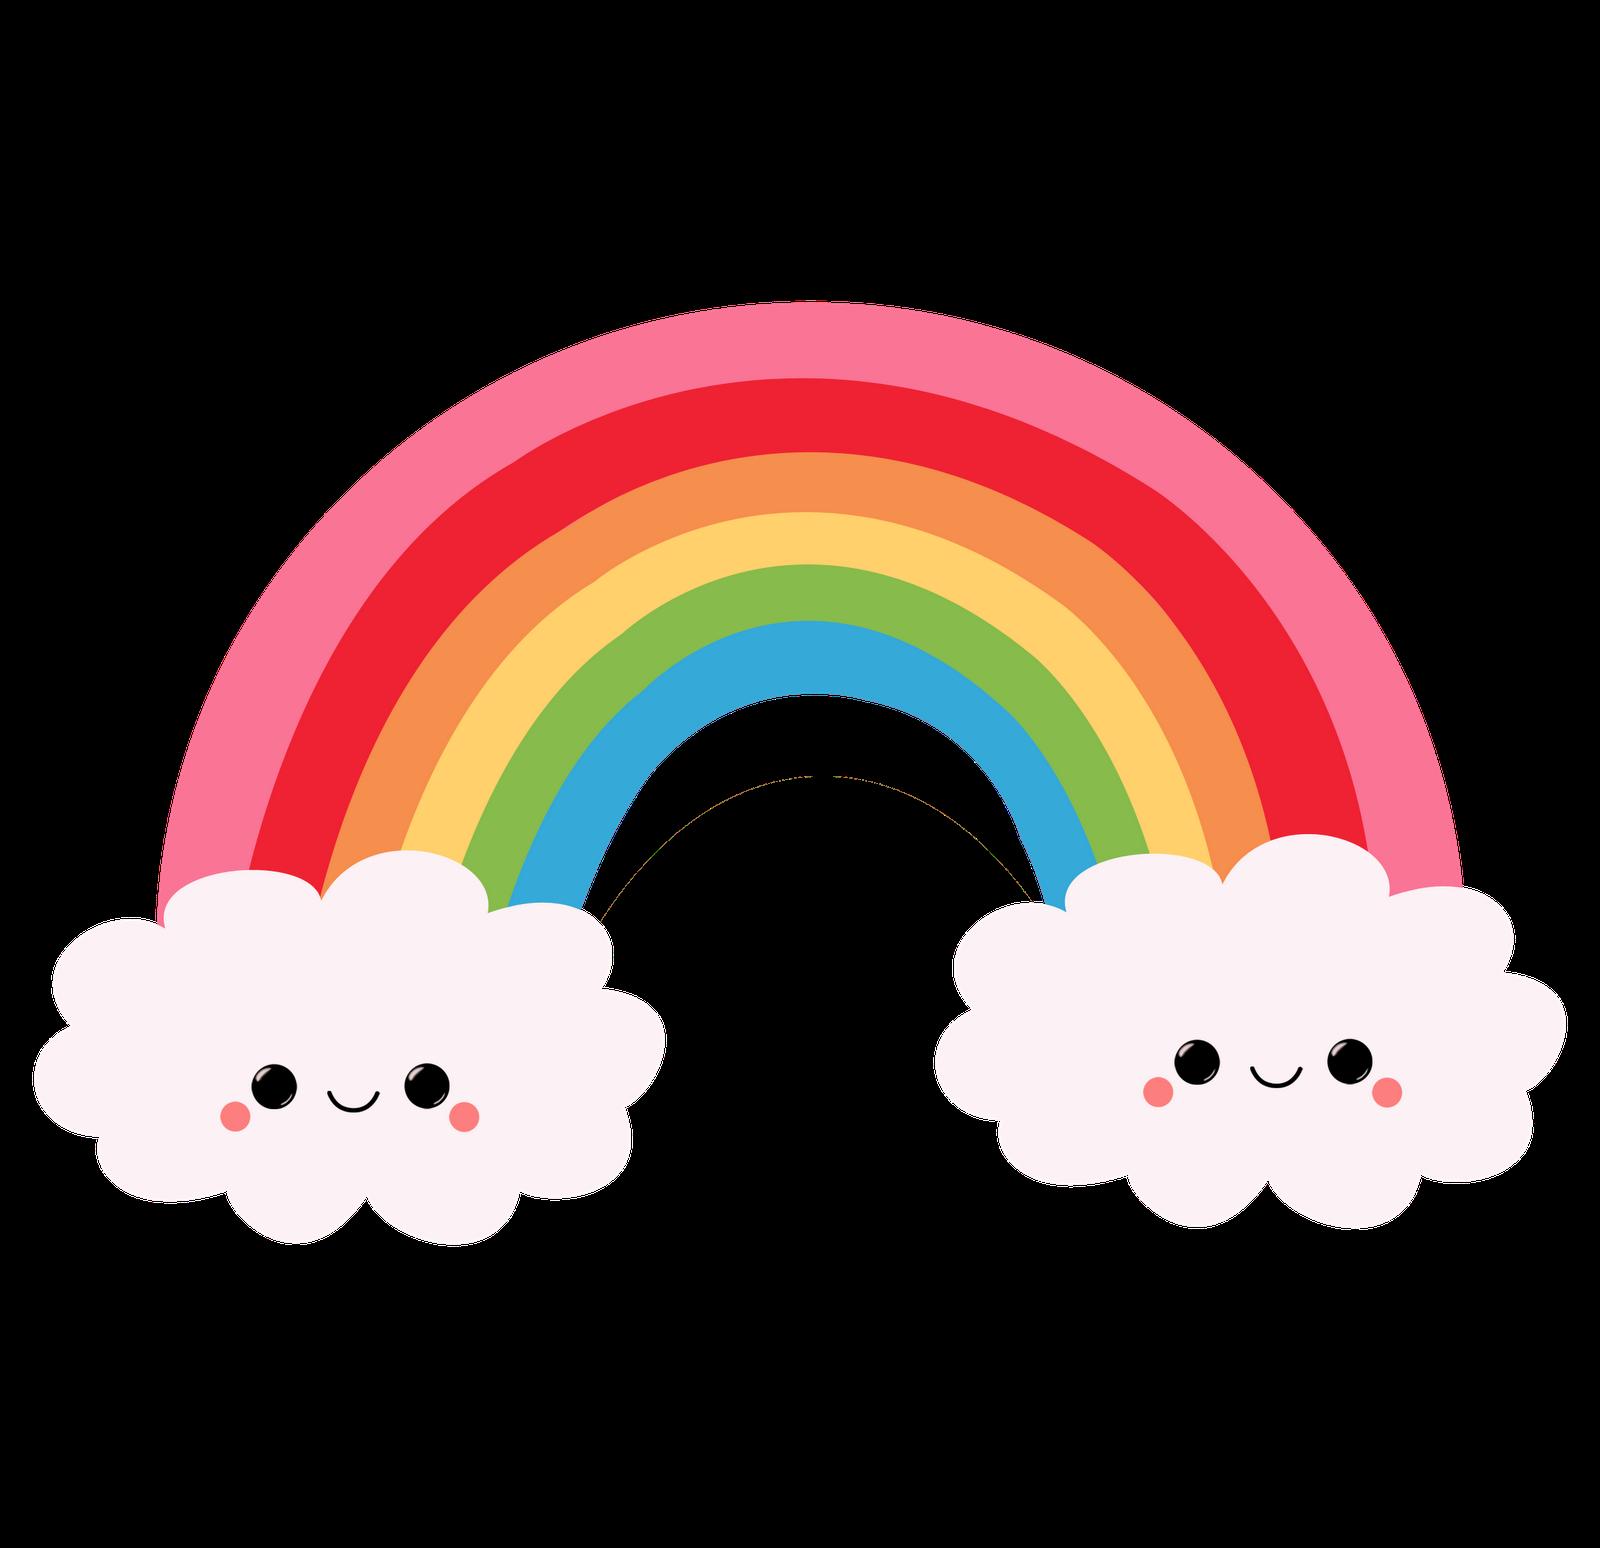 Cute rainbow cartoon